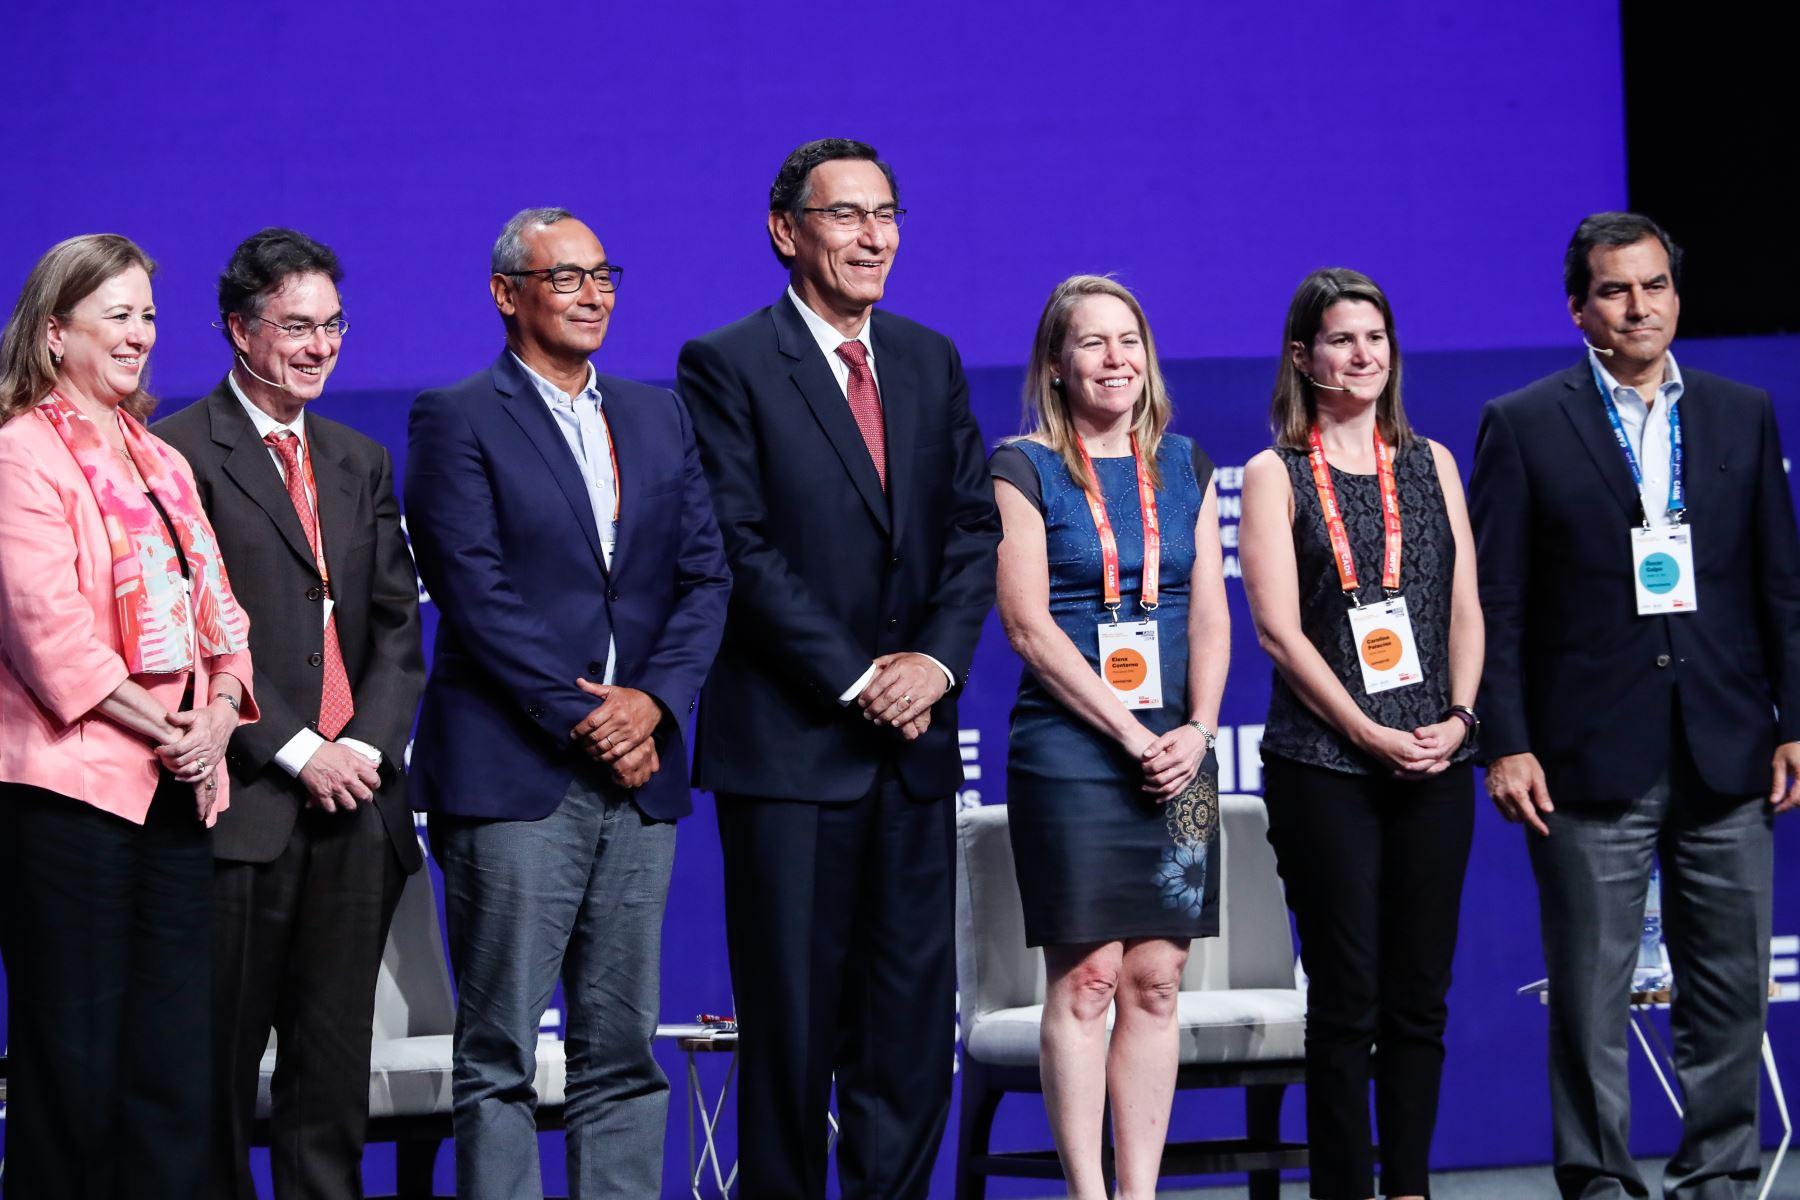 Presidente Martín Vizcarra participa en CADE 2019. Foto: ANDINA/Renato Pajuelo